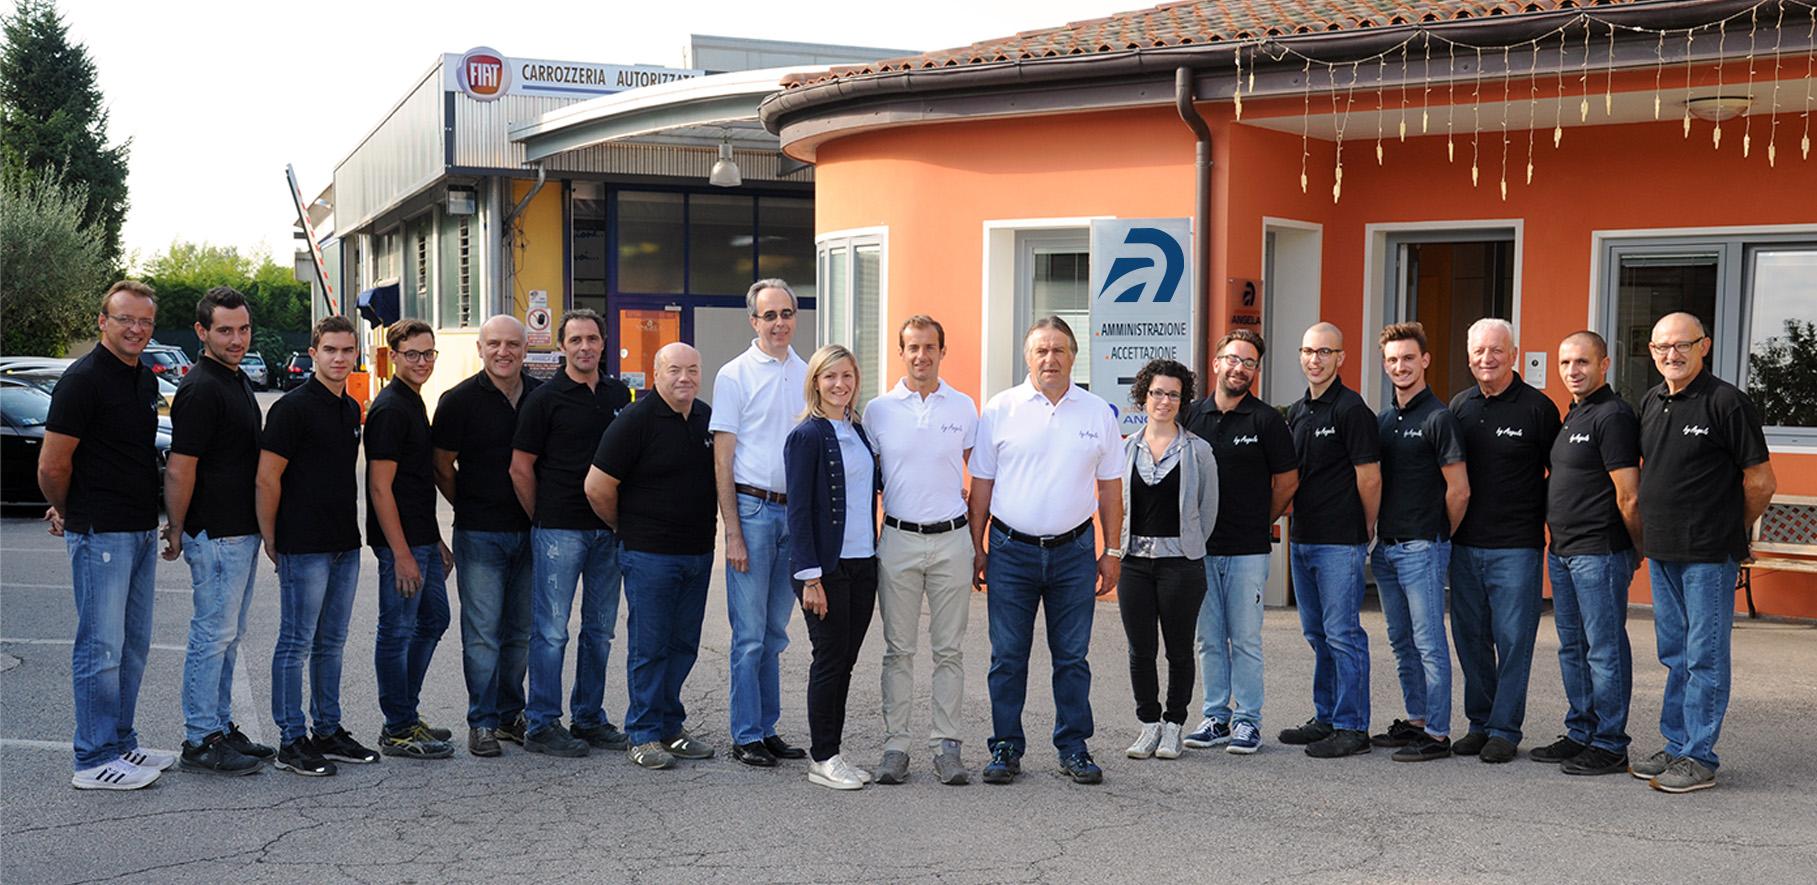 Carrozzeria Angela, lavoratori, Eleonora Suelotto, Walter Suelotto, l'azienda, valori aziendali, personale della carrozzeria